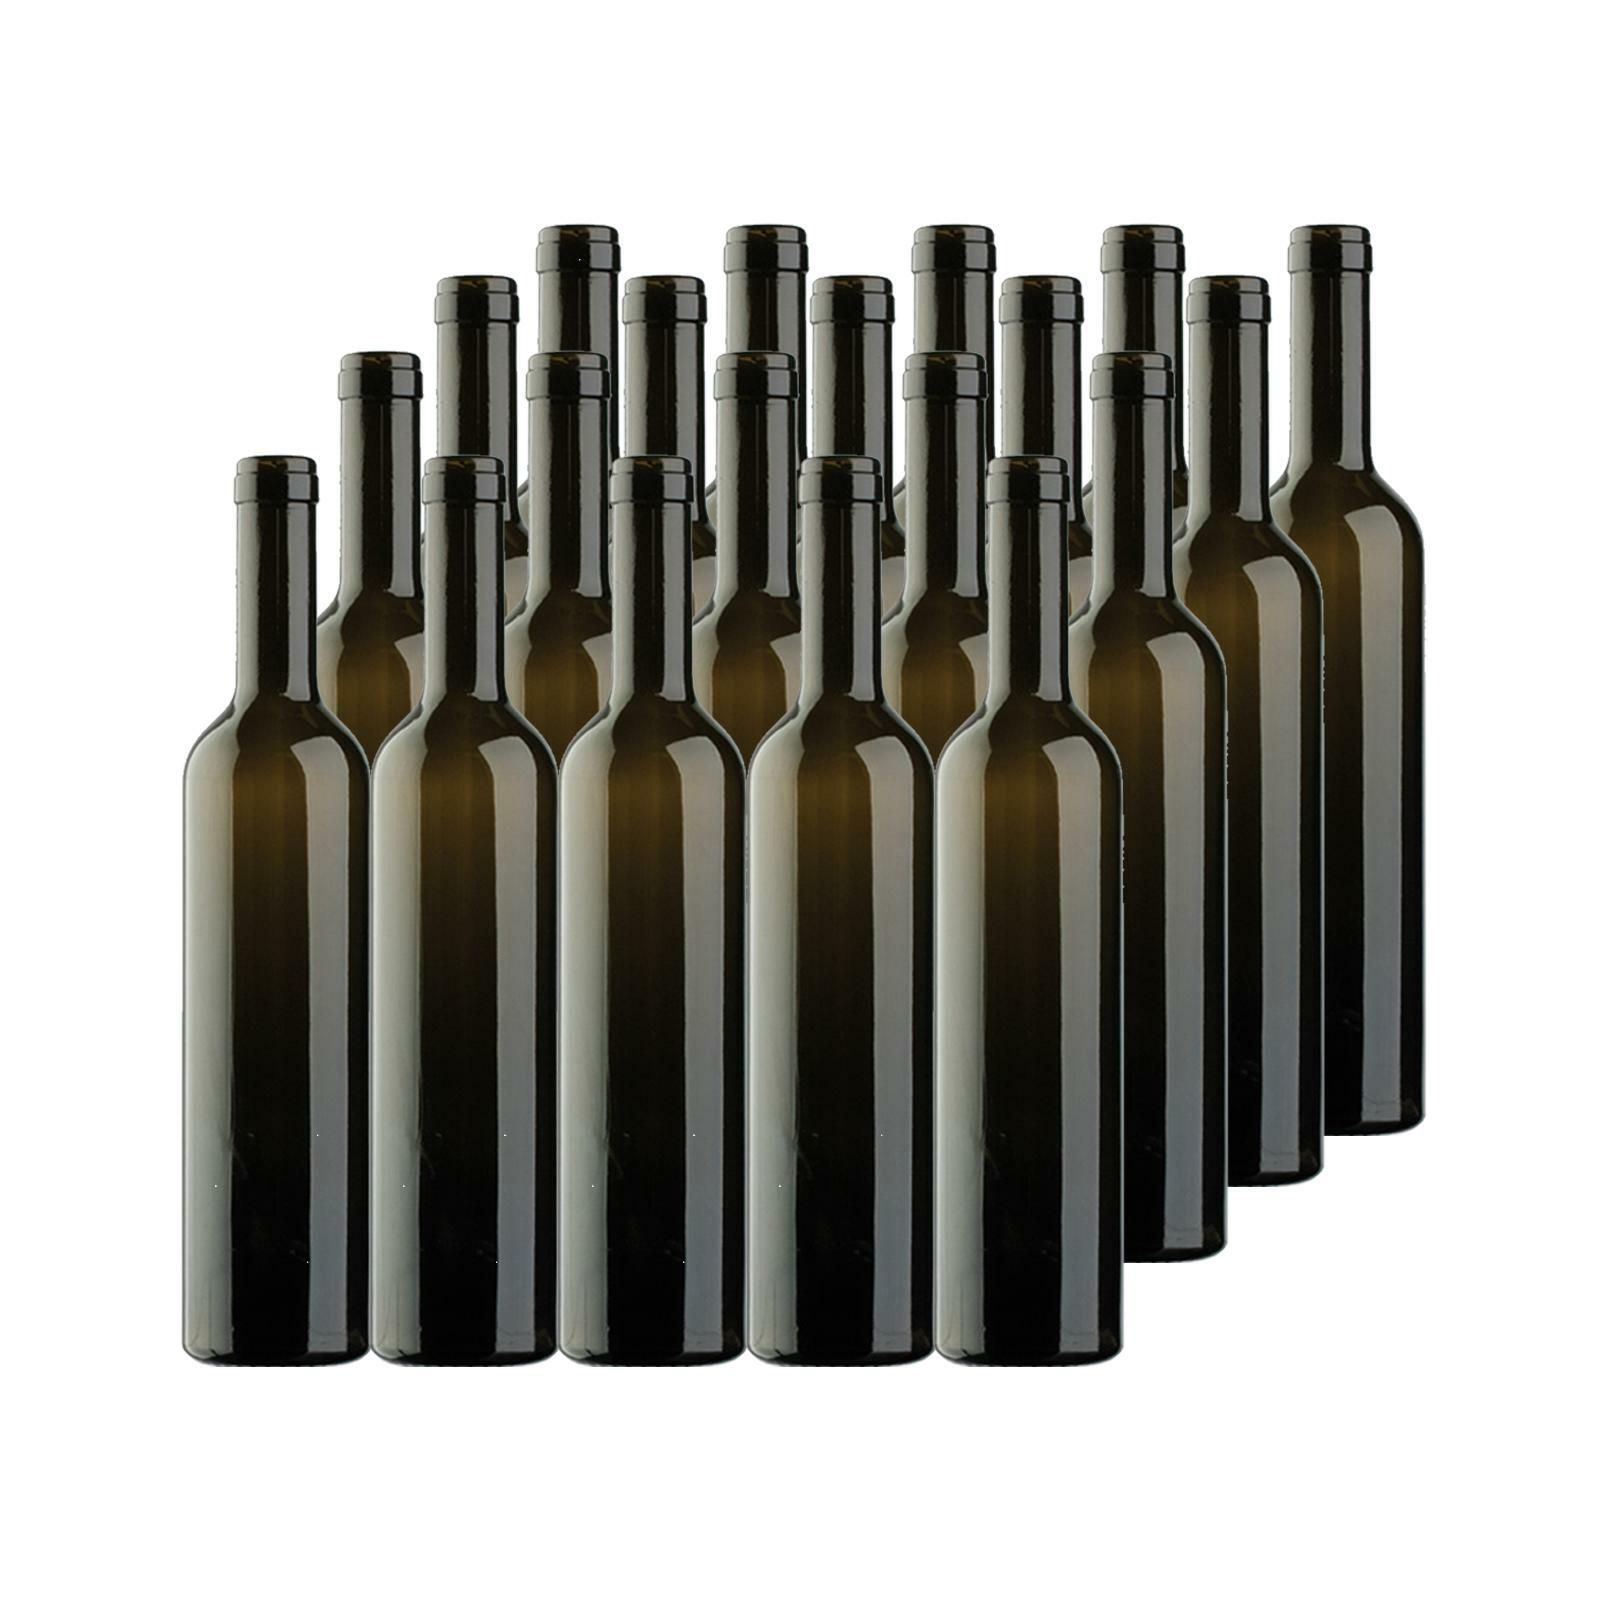 bierre store bottiglia in vetro bordolese per vino 750ml x 20pz